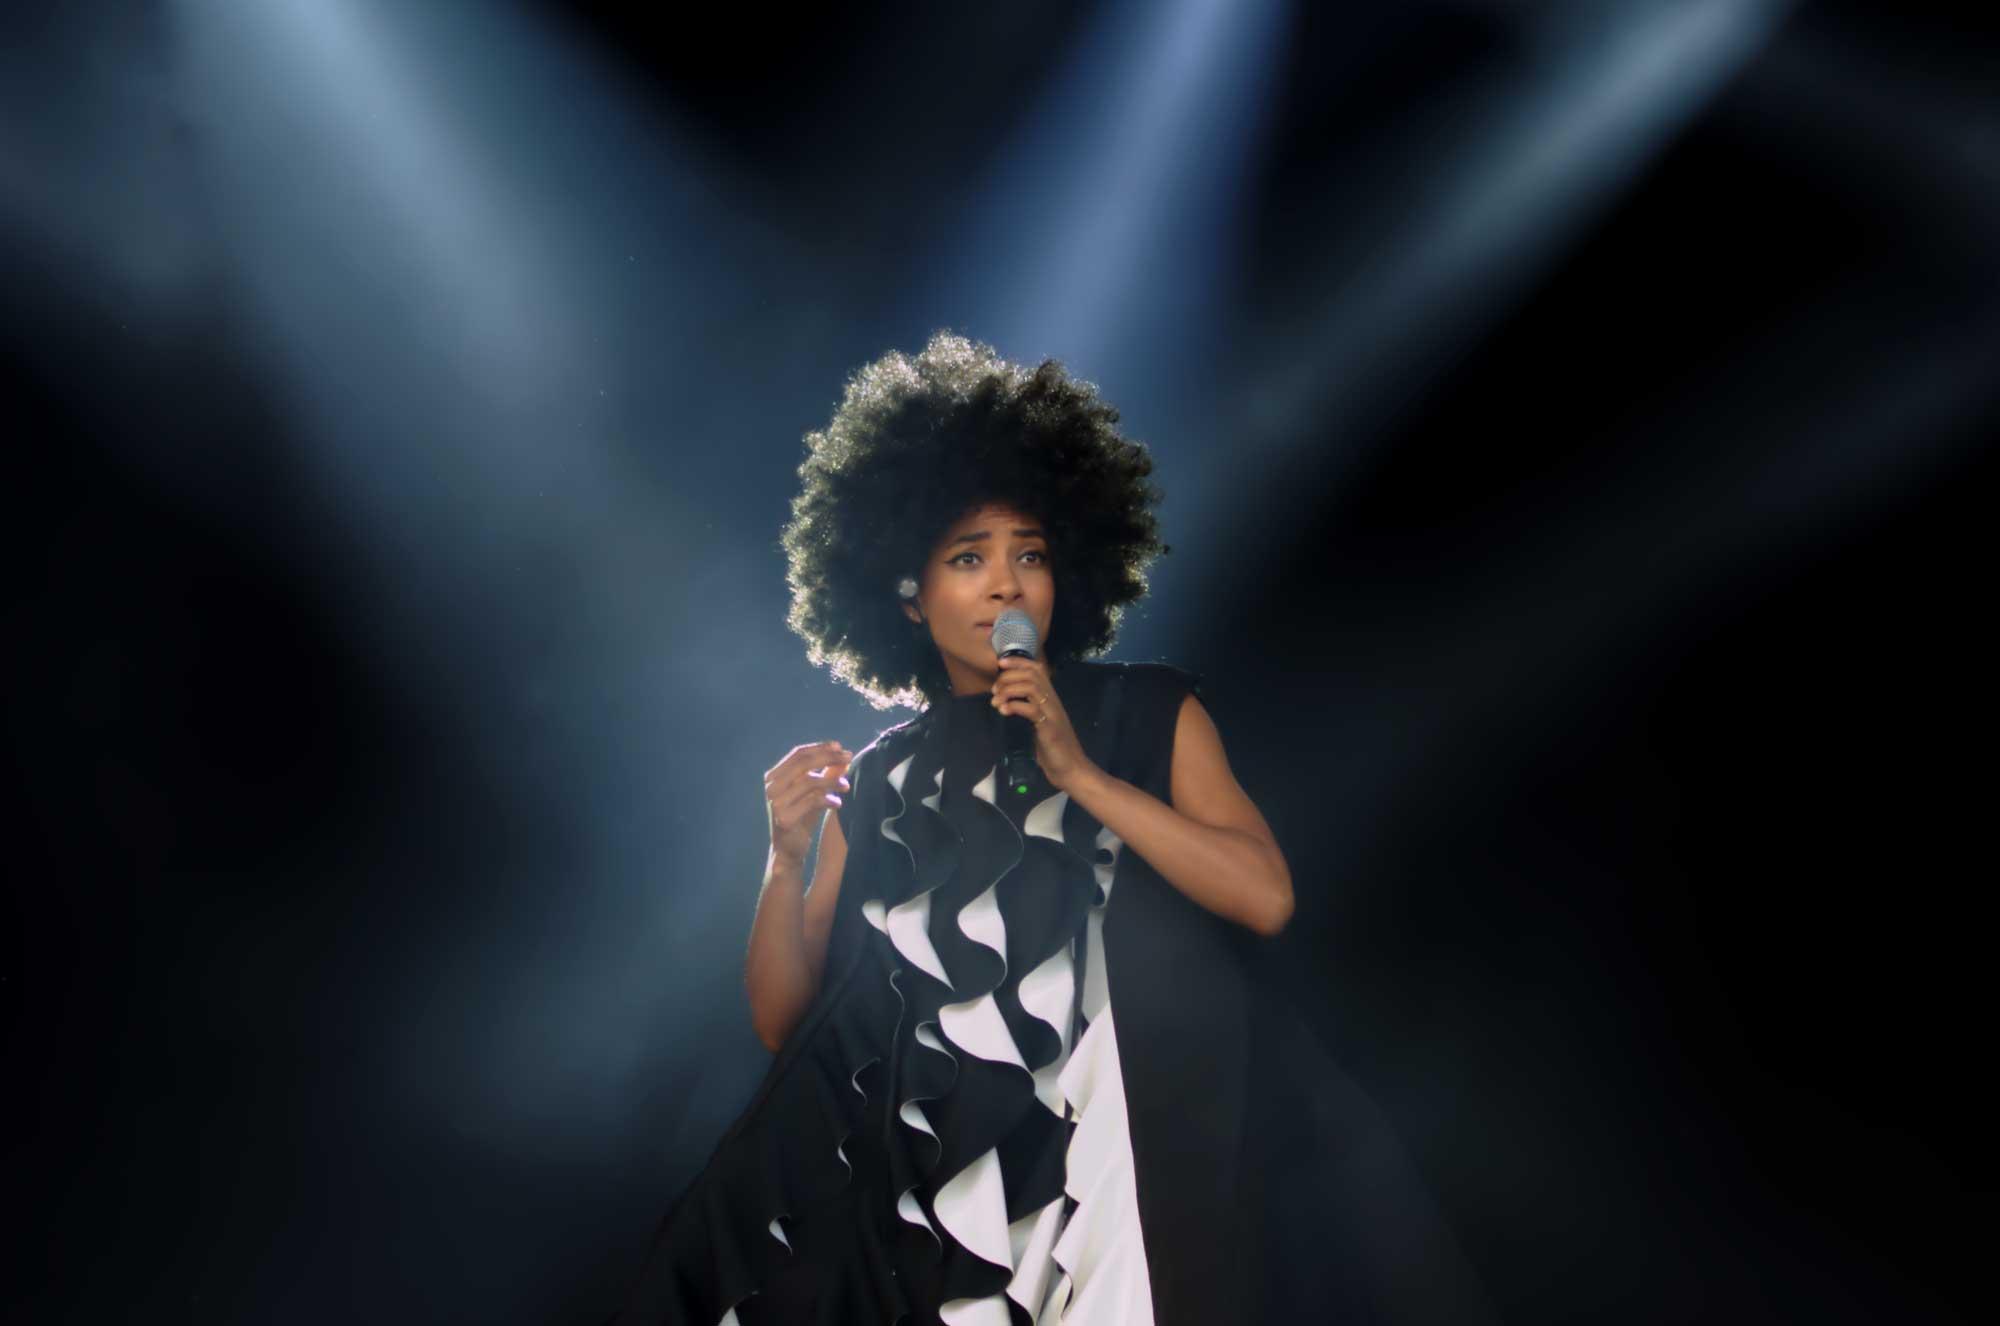 Esperanza Spalding ha sortir a escena al festival Cruïlla 2016 dins un espectacular vestit triangular. Poc després ha desaparegut dins el seu mateix vestit i ha sortit per sota vestida de blanc, amb una corona i els cabells lissos.